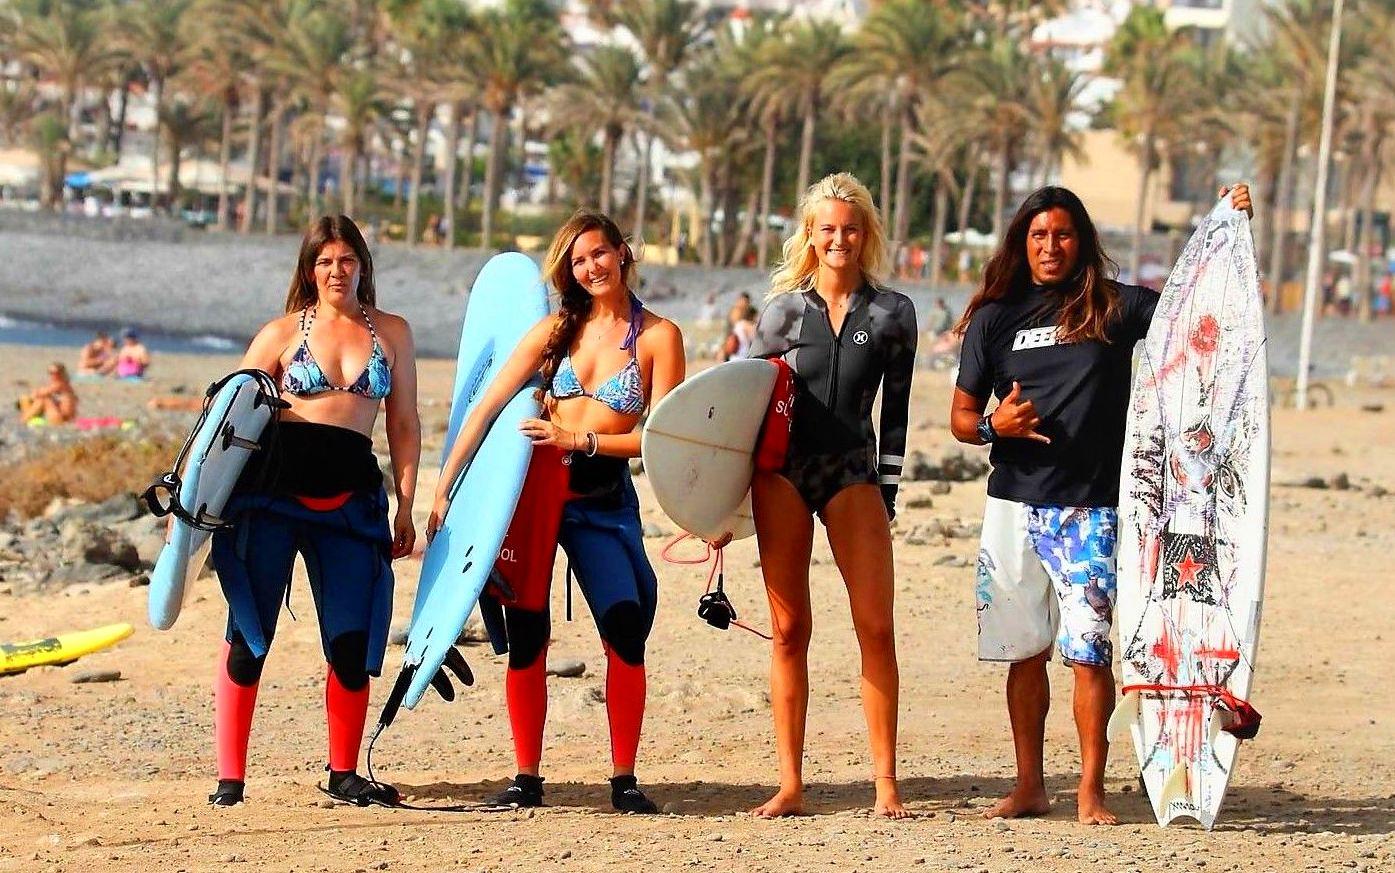 Eva, Anita,Sara y jaime ( Galicia, Argentina, Finlandia y Peru) listos para disfrutar de un dia de surf en Playa de Las Américas!